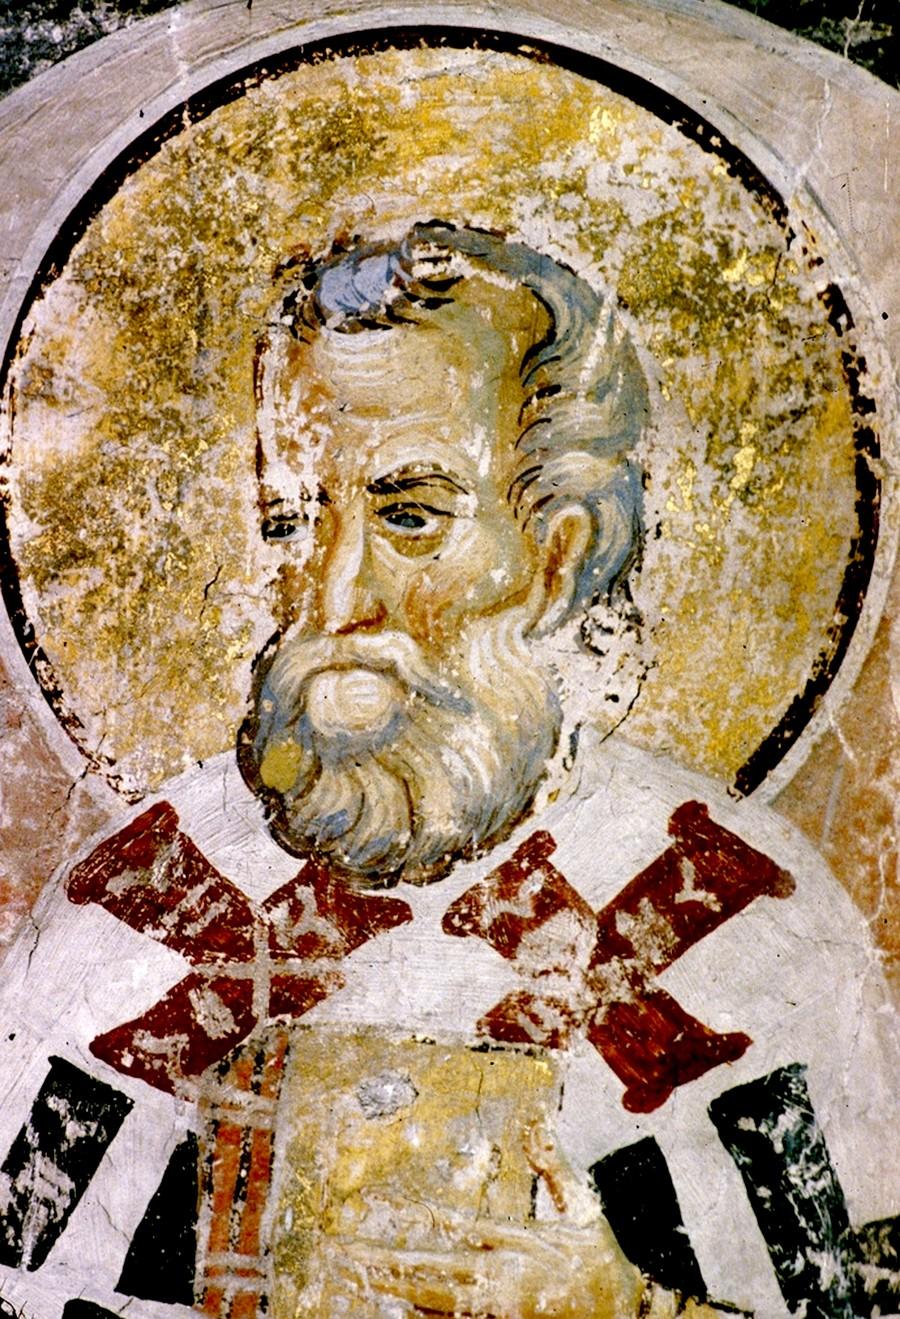 Святой Преподобный Евмений, Епископ Гортинский. Фреска церкви Вознесения Господня монастыря Раваница, Сербия. До 1389 года.